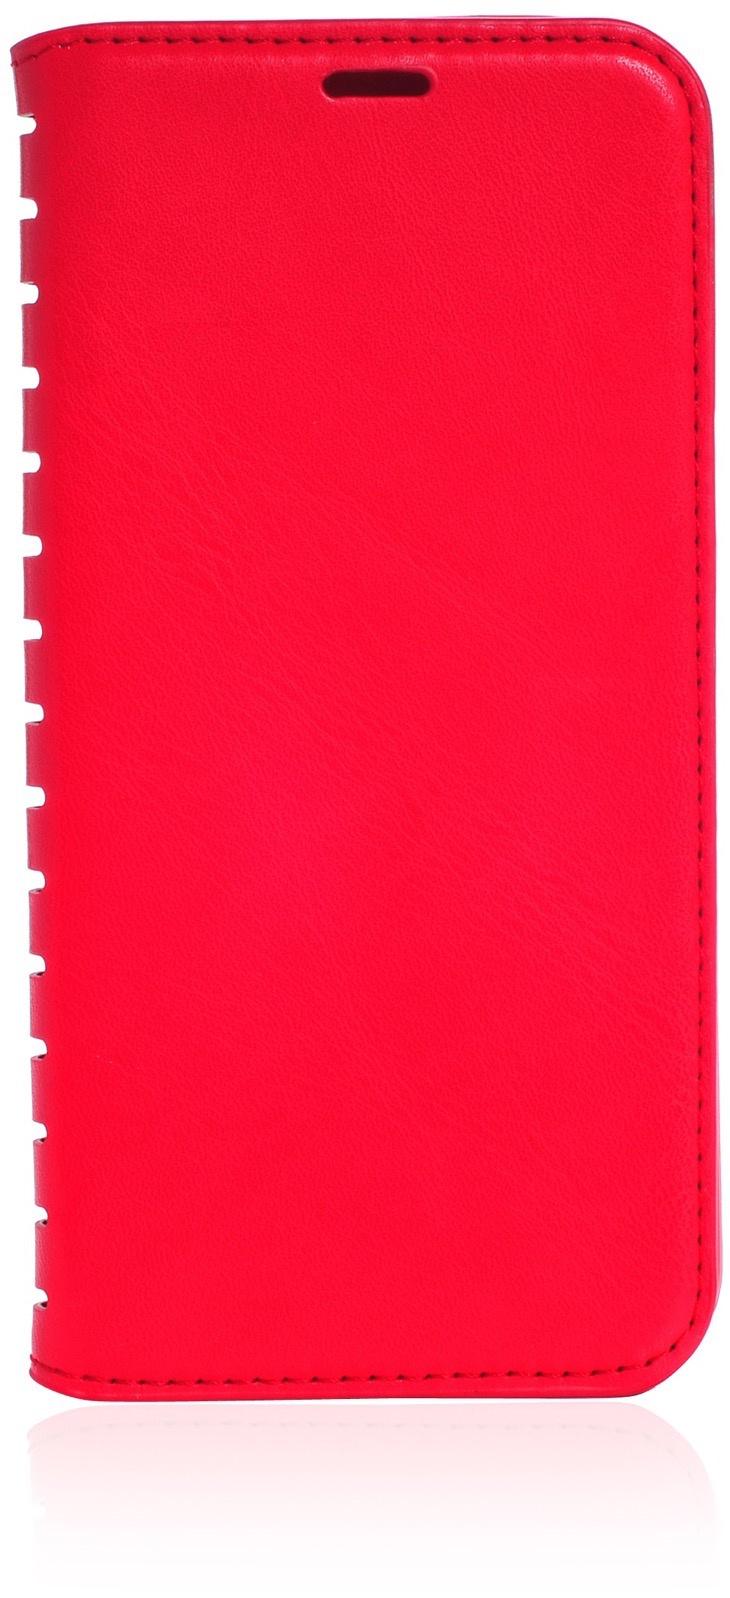 Чехол для сотового телефона Gurdini Premium case книжка с силиконом на магните red Honor 10i, красный